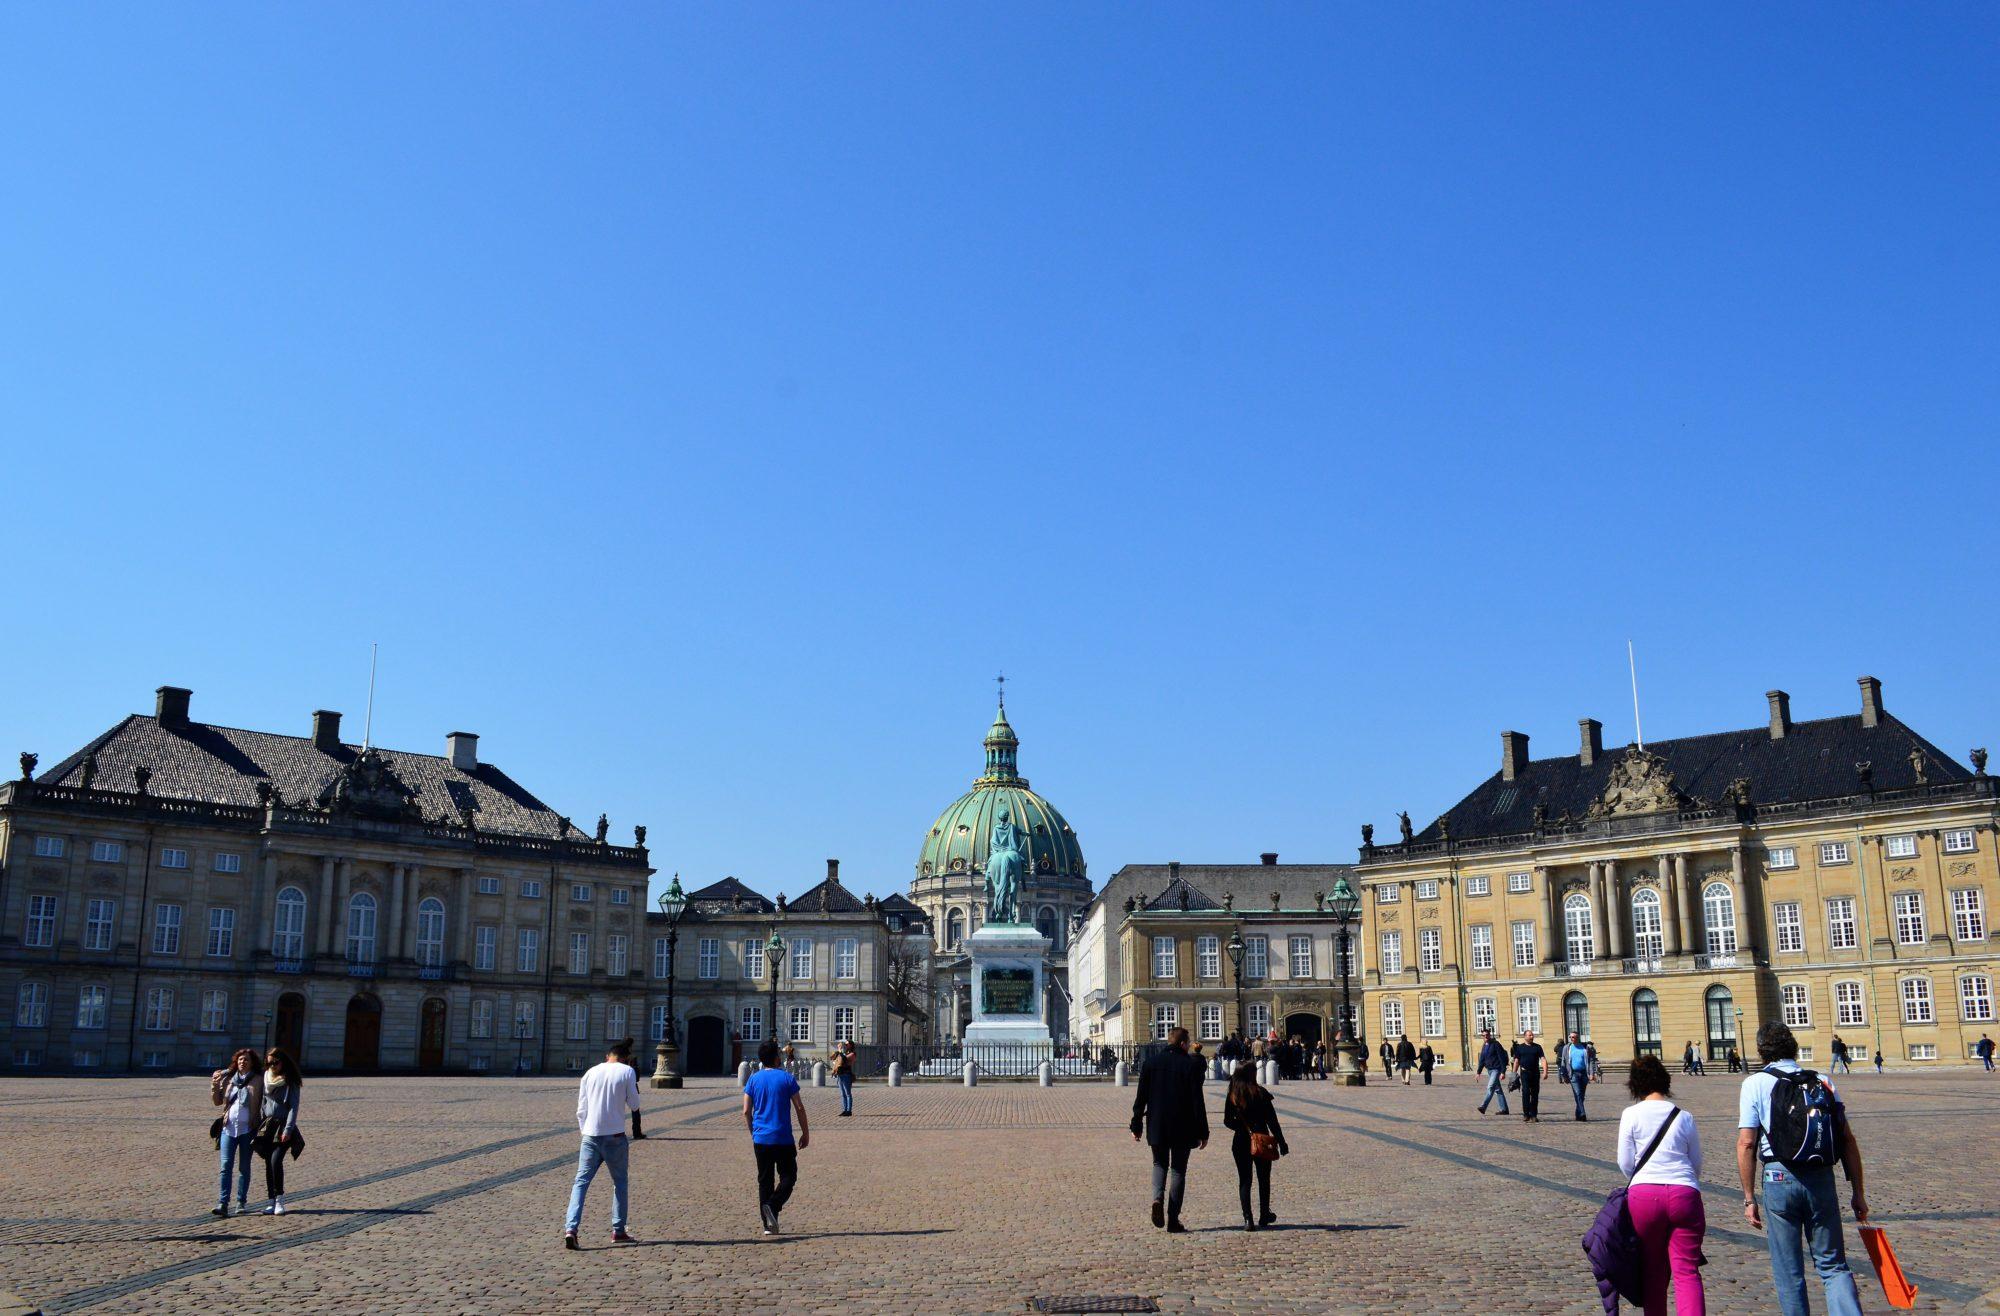 Copenhagen-Amalienborg